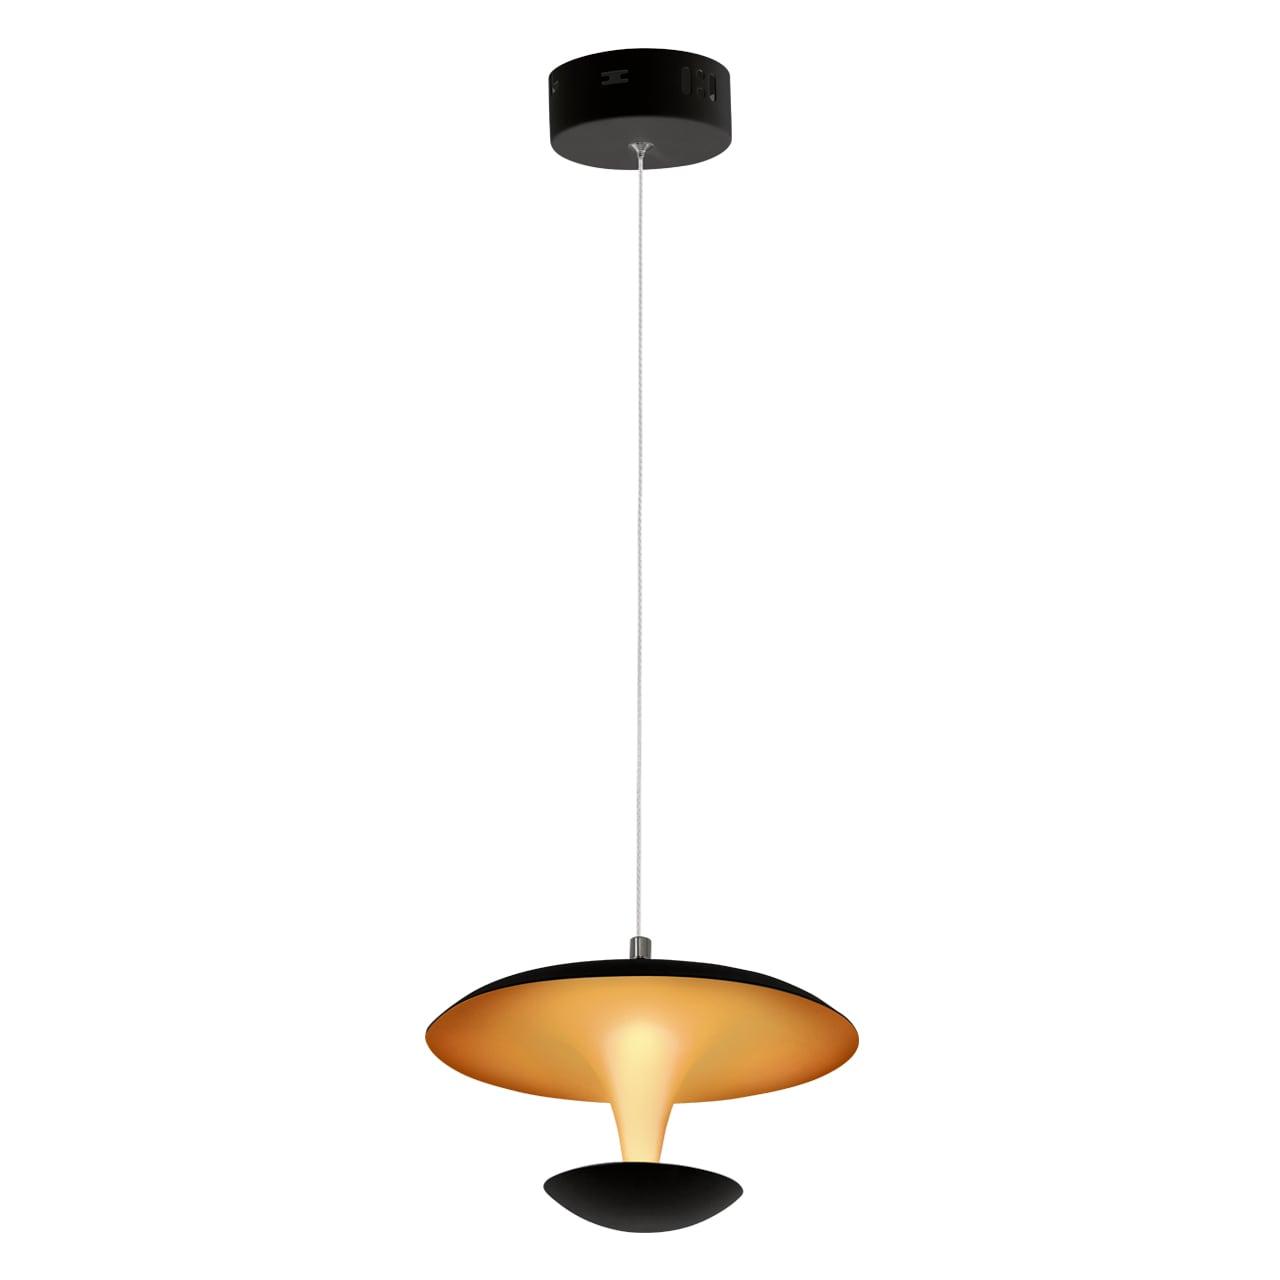 Přívěsek lampa Milagro COSTA 359 Mat černá / Matné zlato 12W